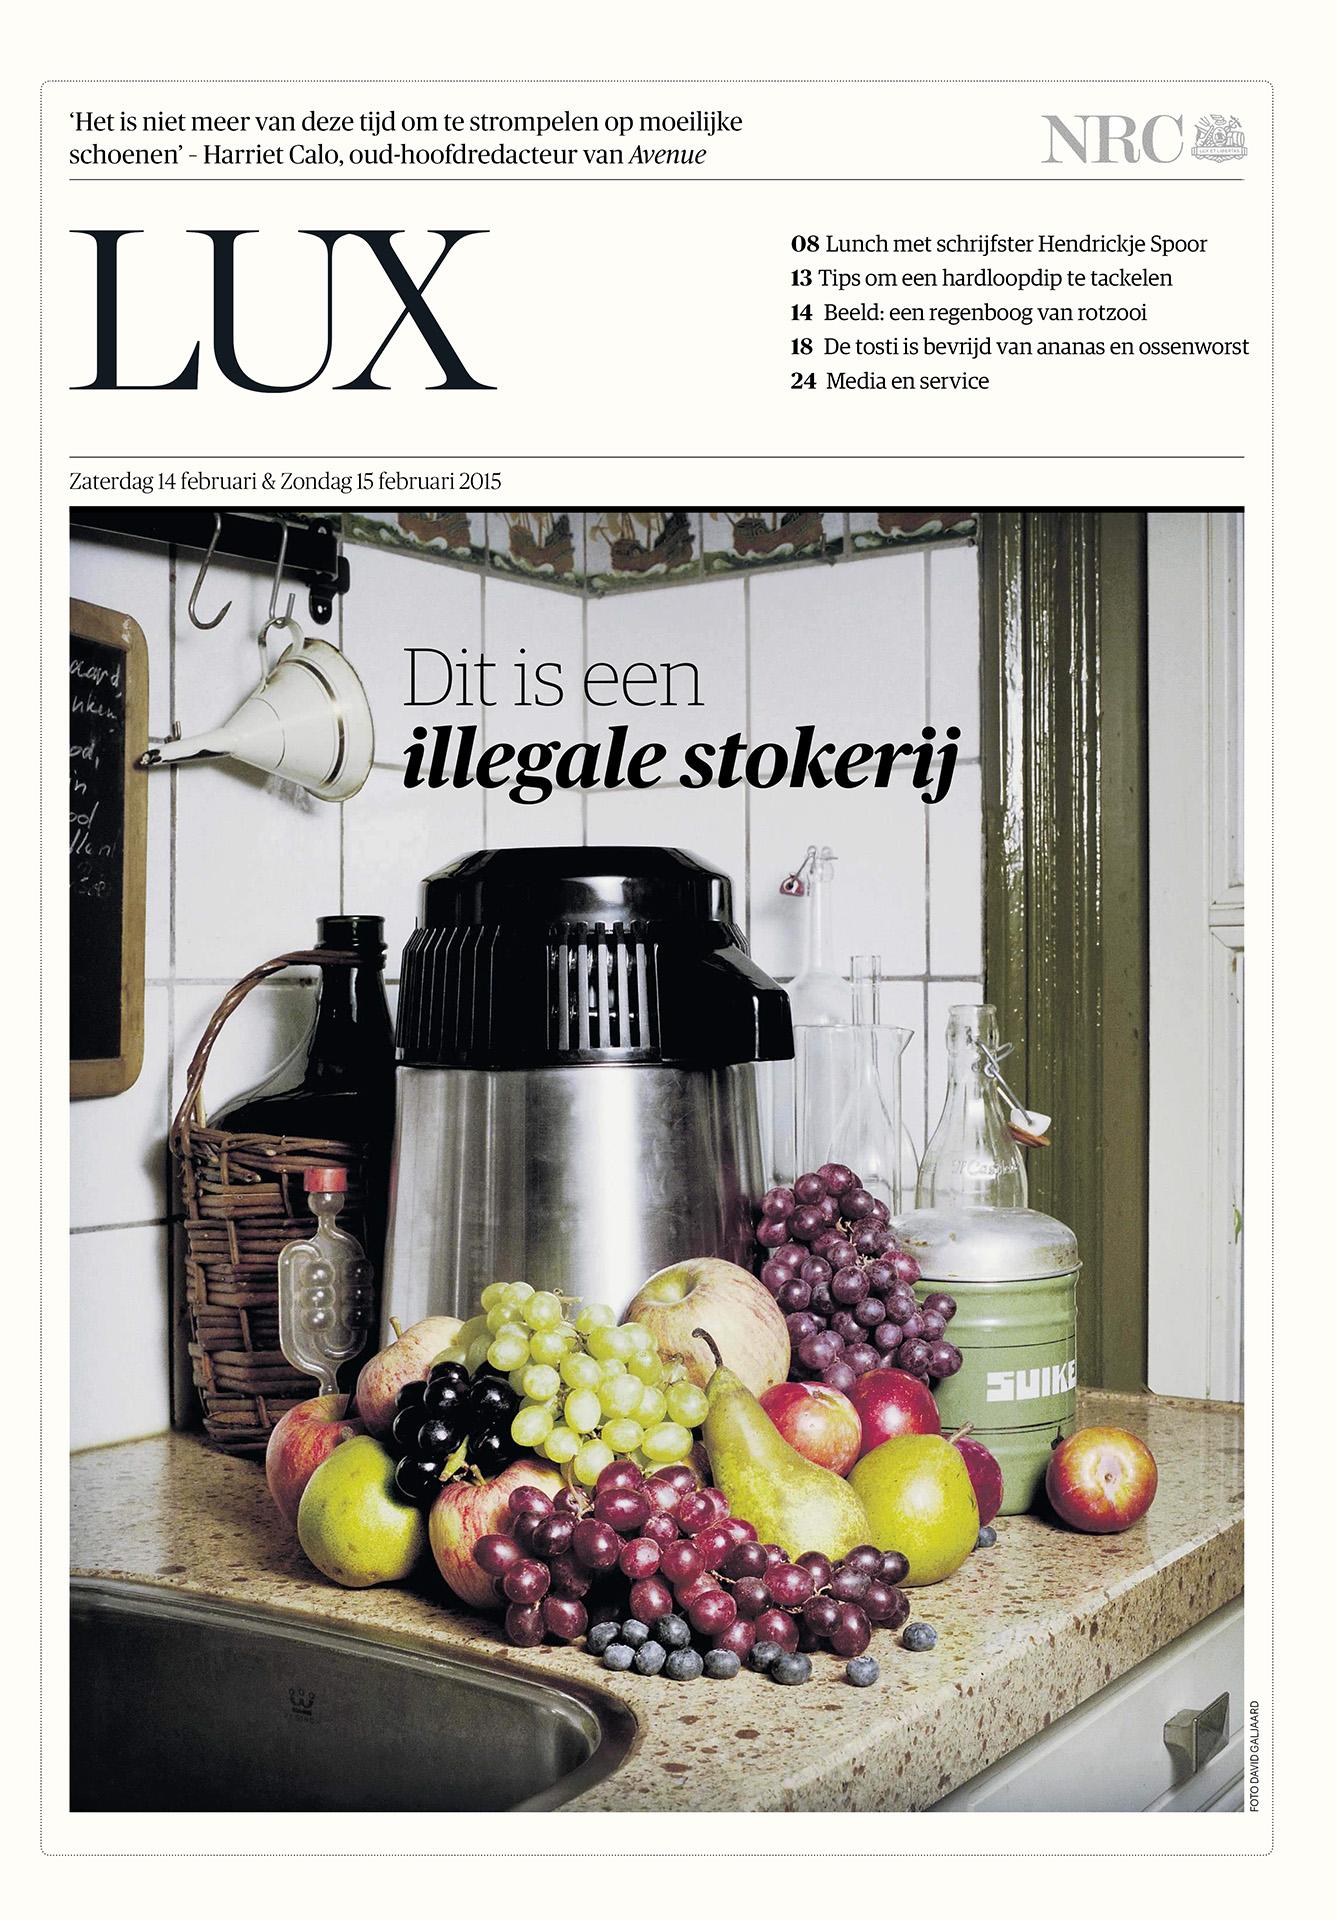 NRC Handelsblad - Zelf drank stoken - 2015 - David Galjaard